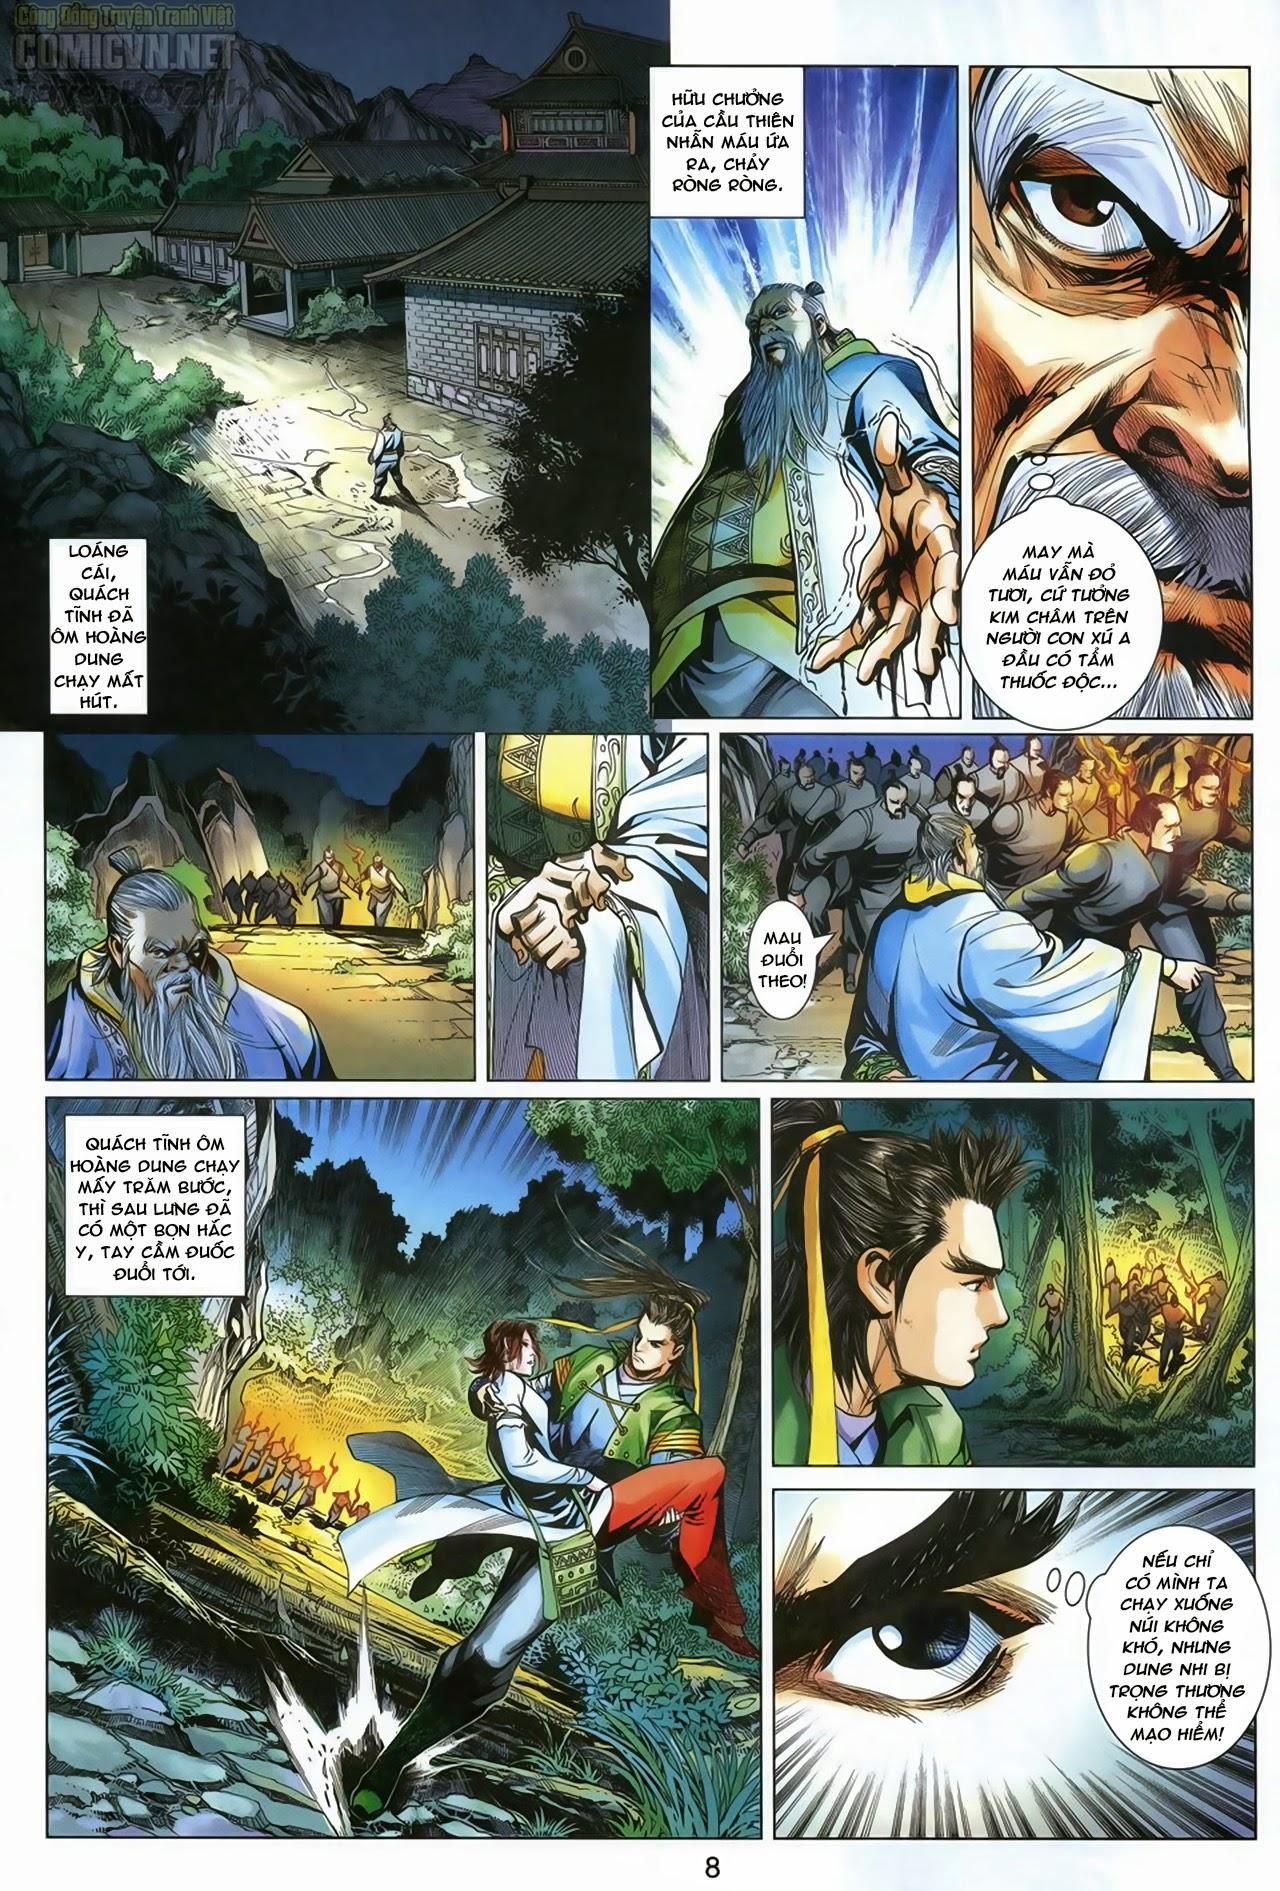 Anh Hùng Xạ Điêu anh hùng xạ đêu chap 69: hồn đoạn thiết chưởng phong trang 9